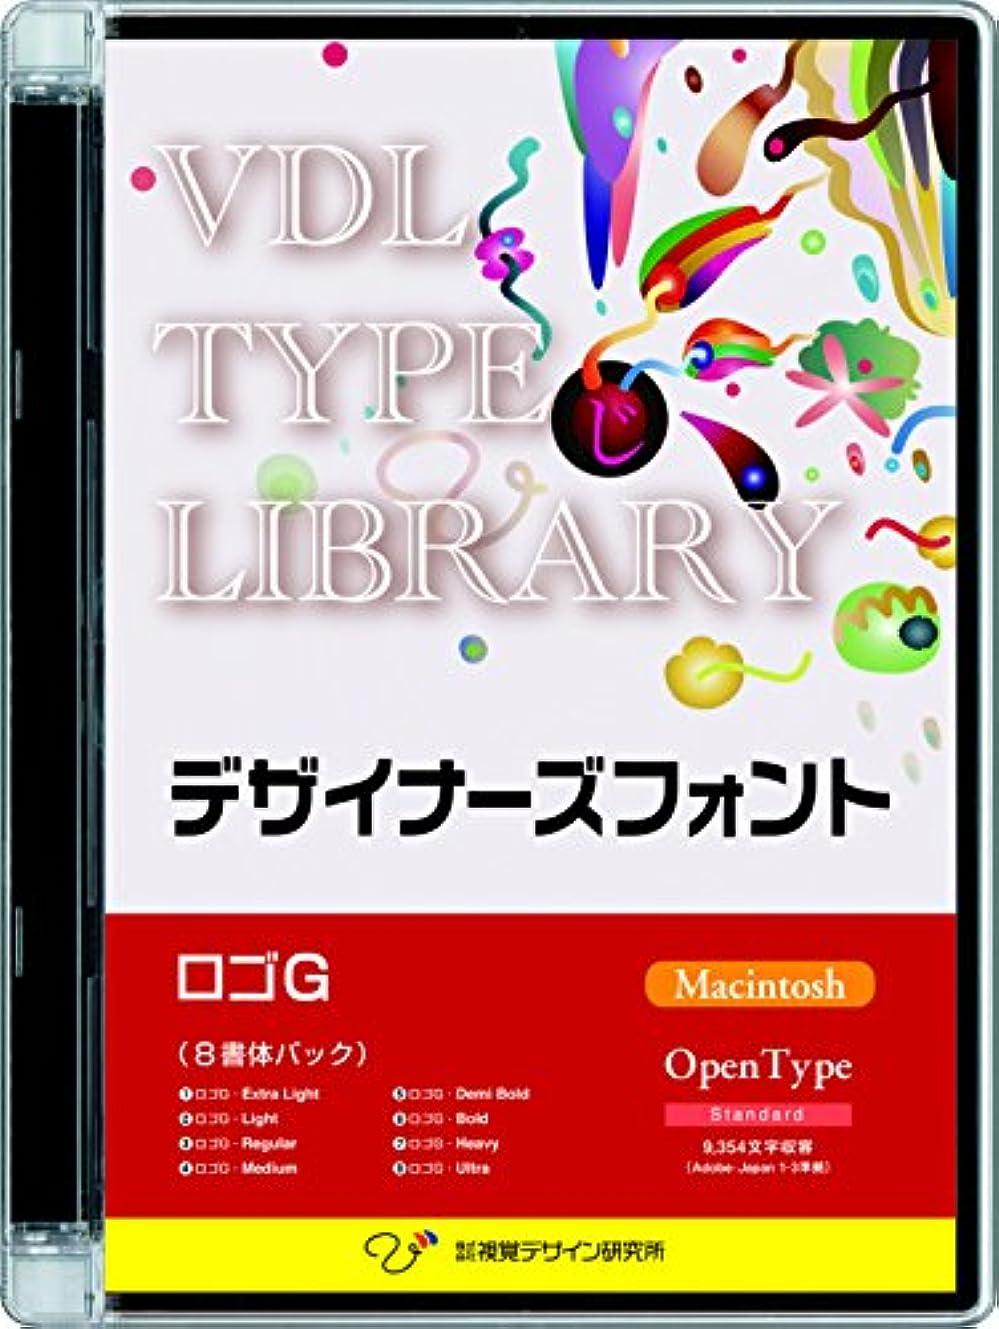 刺す韻いちゃつくVDL TYPE LIBRARY デザイナーズフォント OpenType (Standard) Macintosh ロゴG ファミリーパック